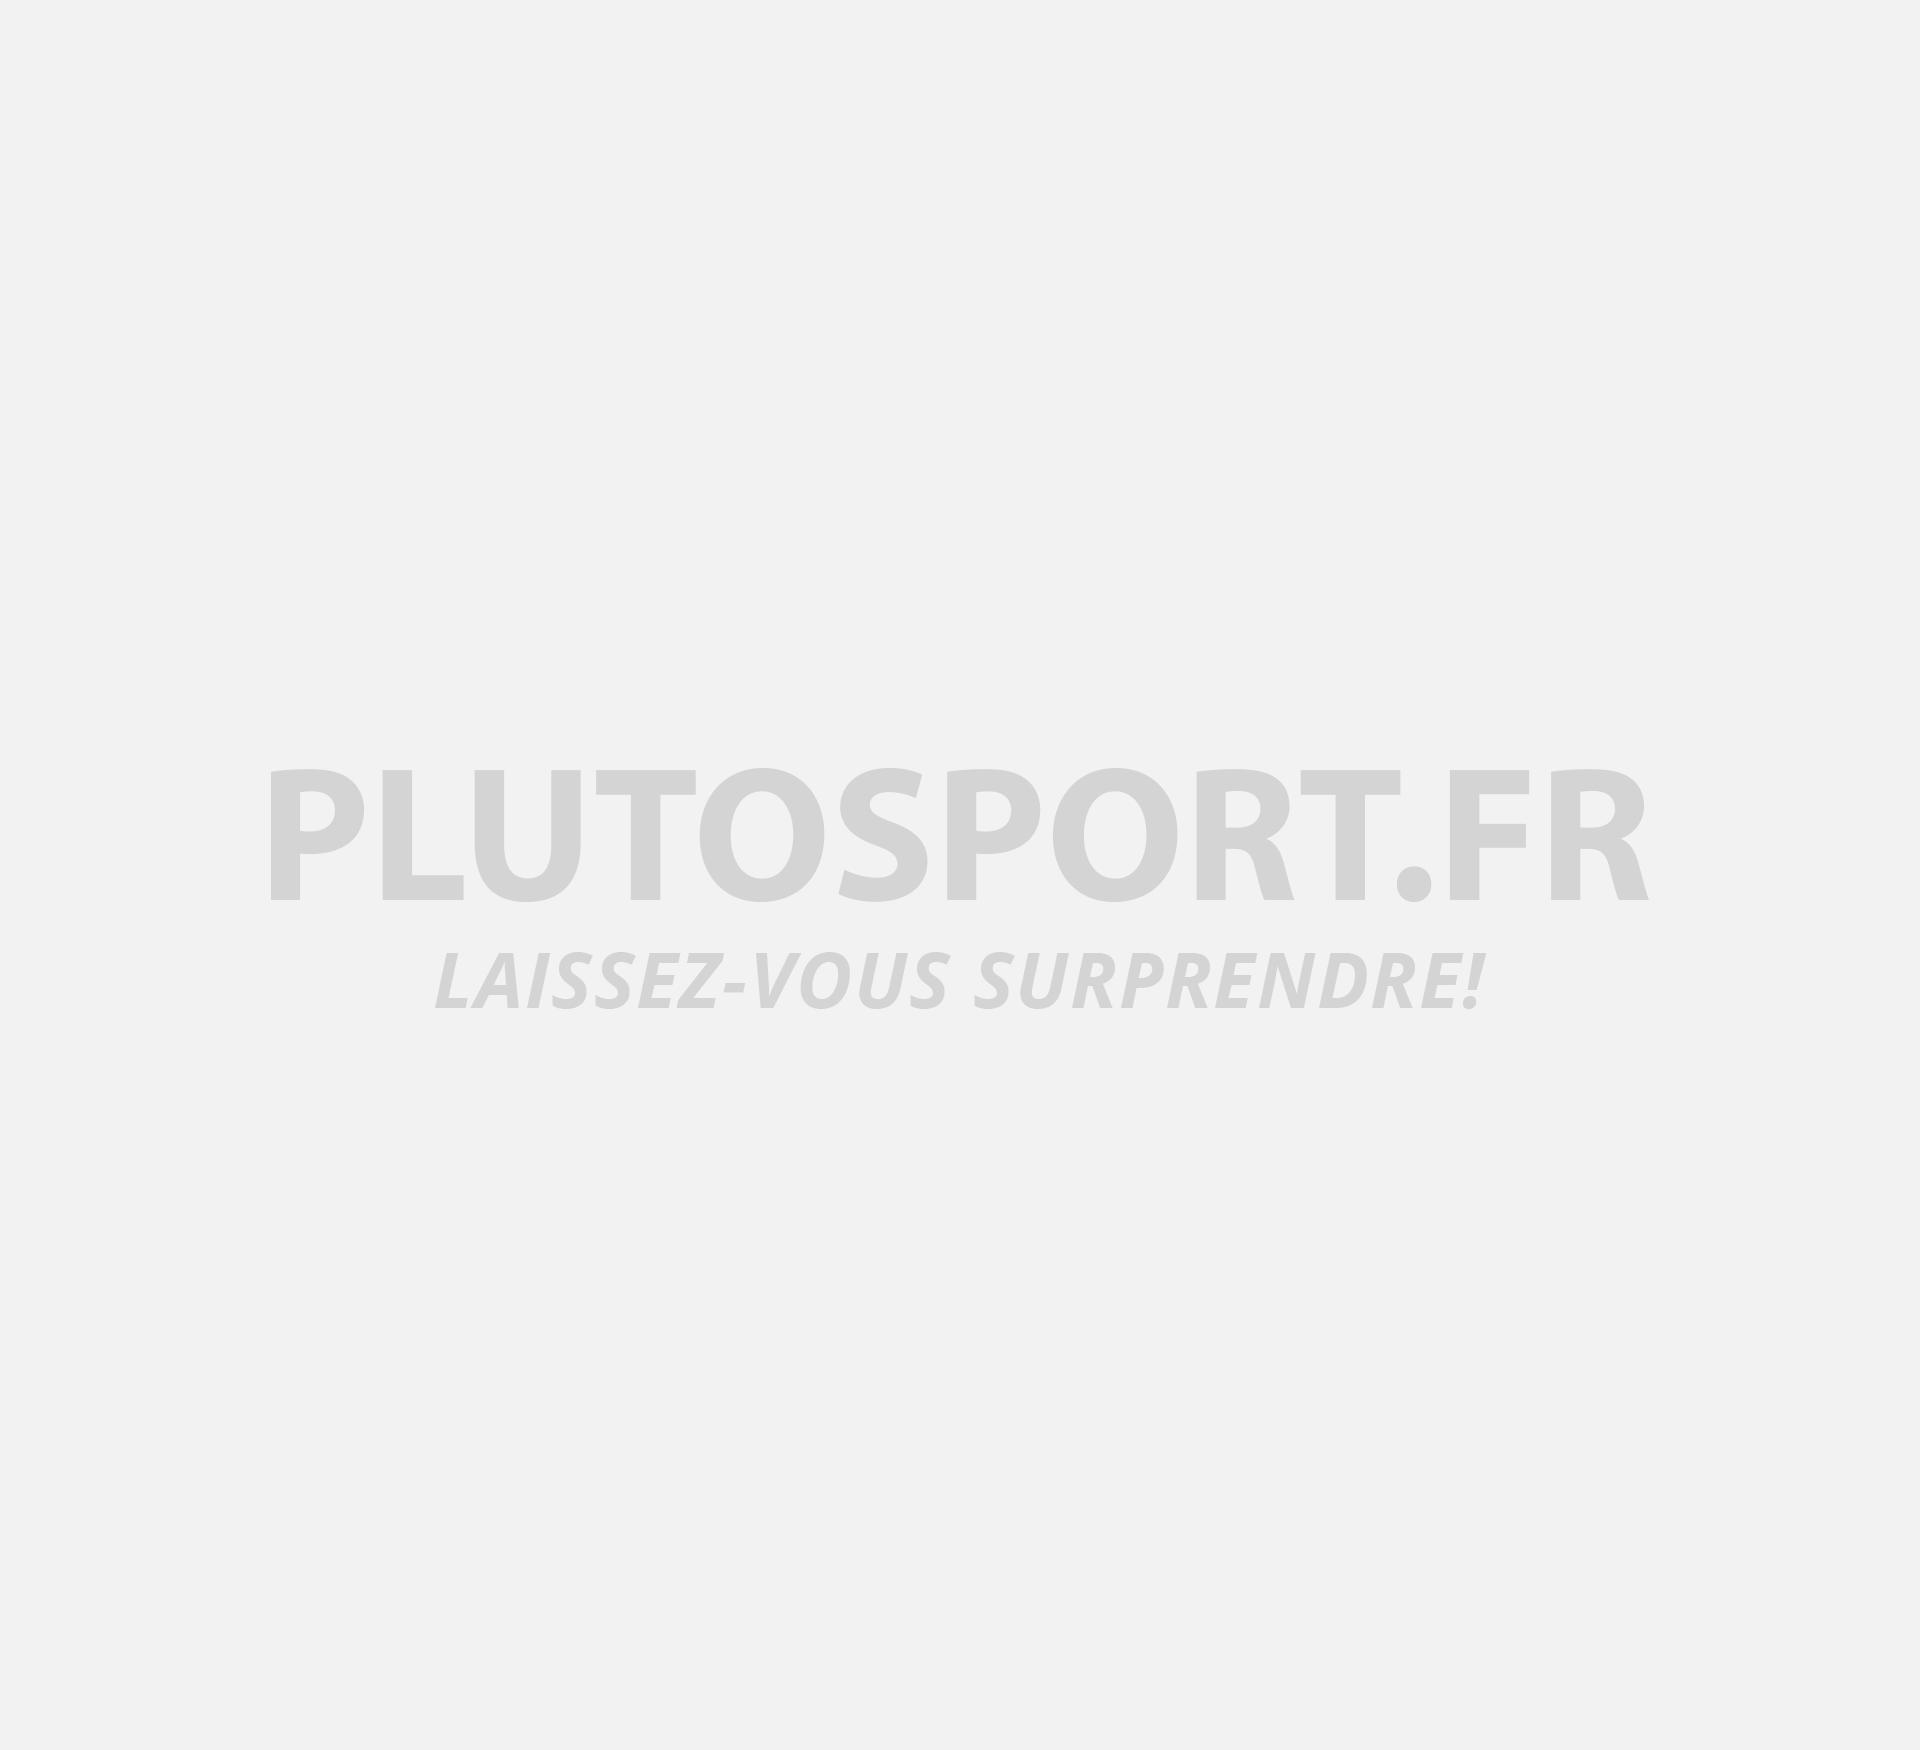 Patins a hockey de glace Powerslide Phuzion Orbit pour Enfants (reglable